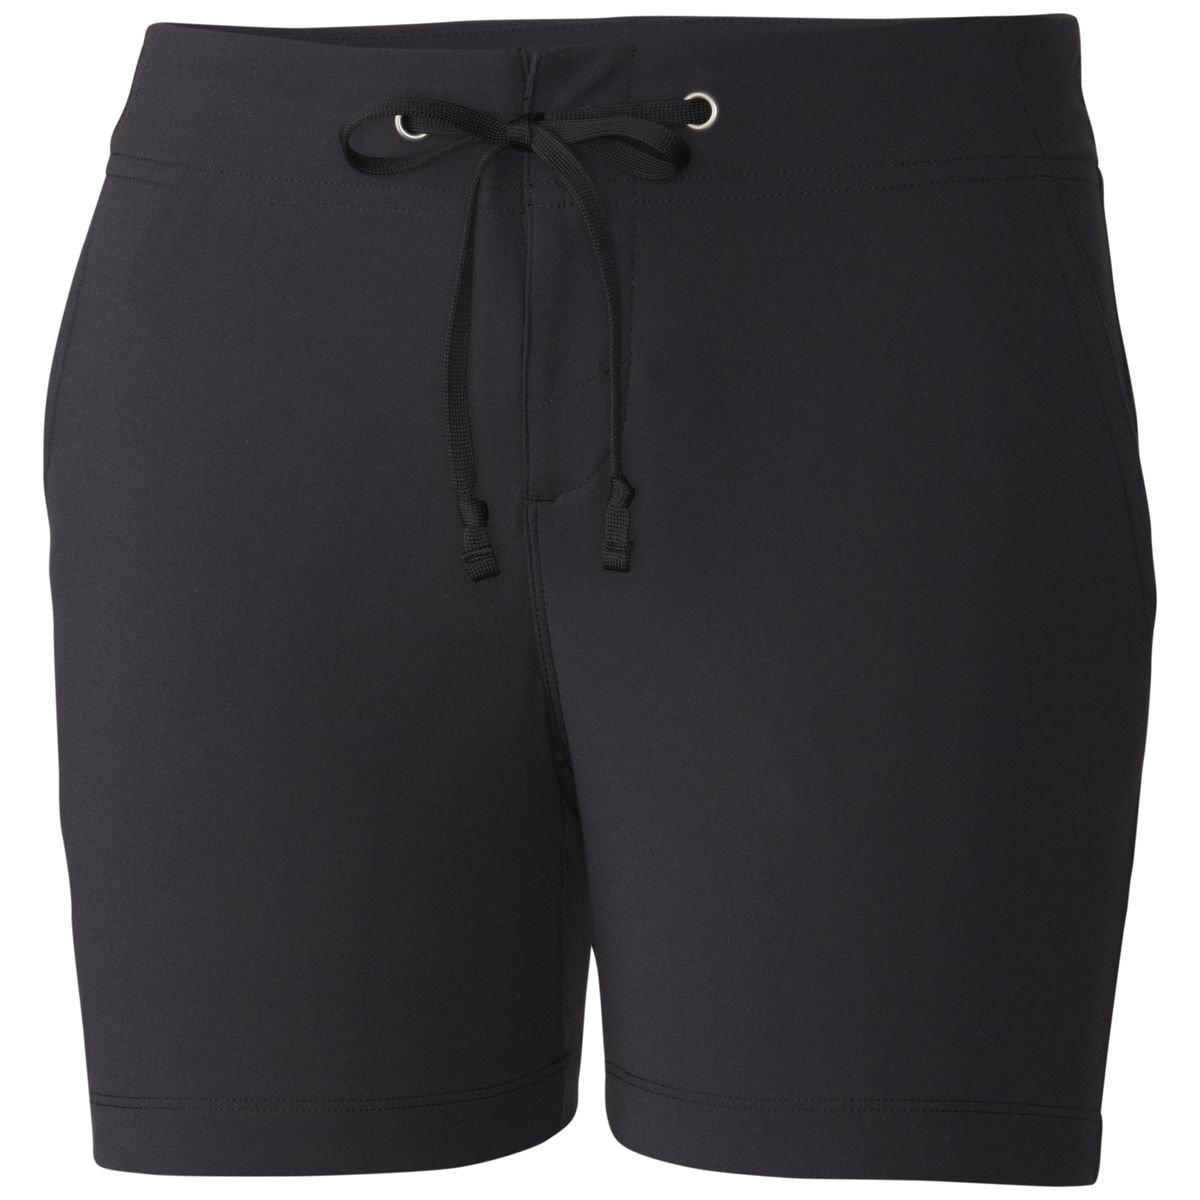 (コロンビア) Columbia Anytime Outdoor Short - Women'sメンズ バックパック リュック Black [並行輸入品] 8x5  B079MBYRQH